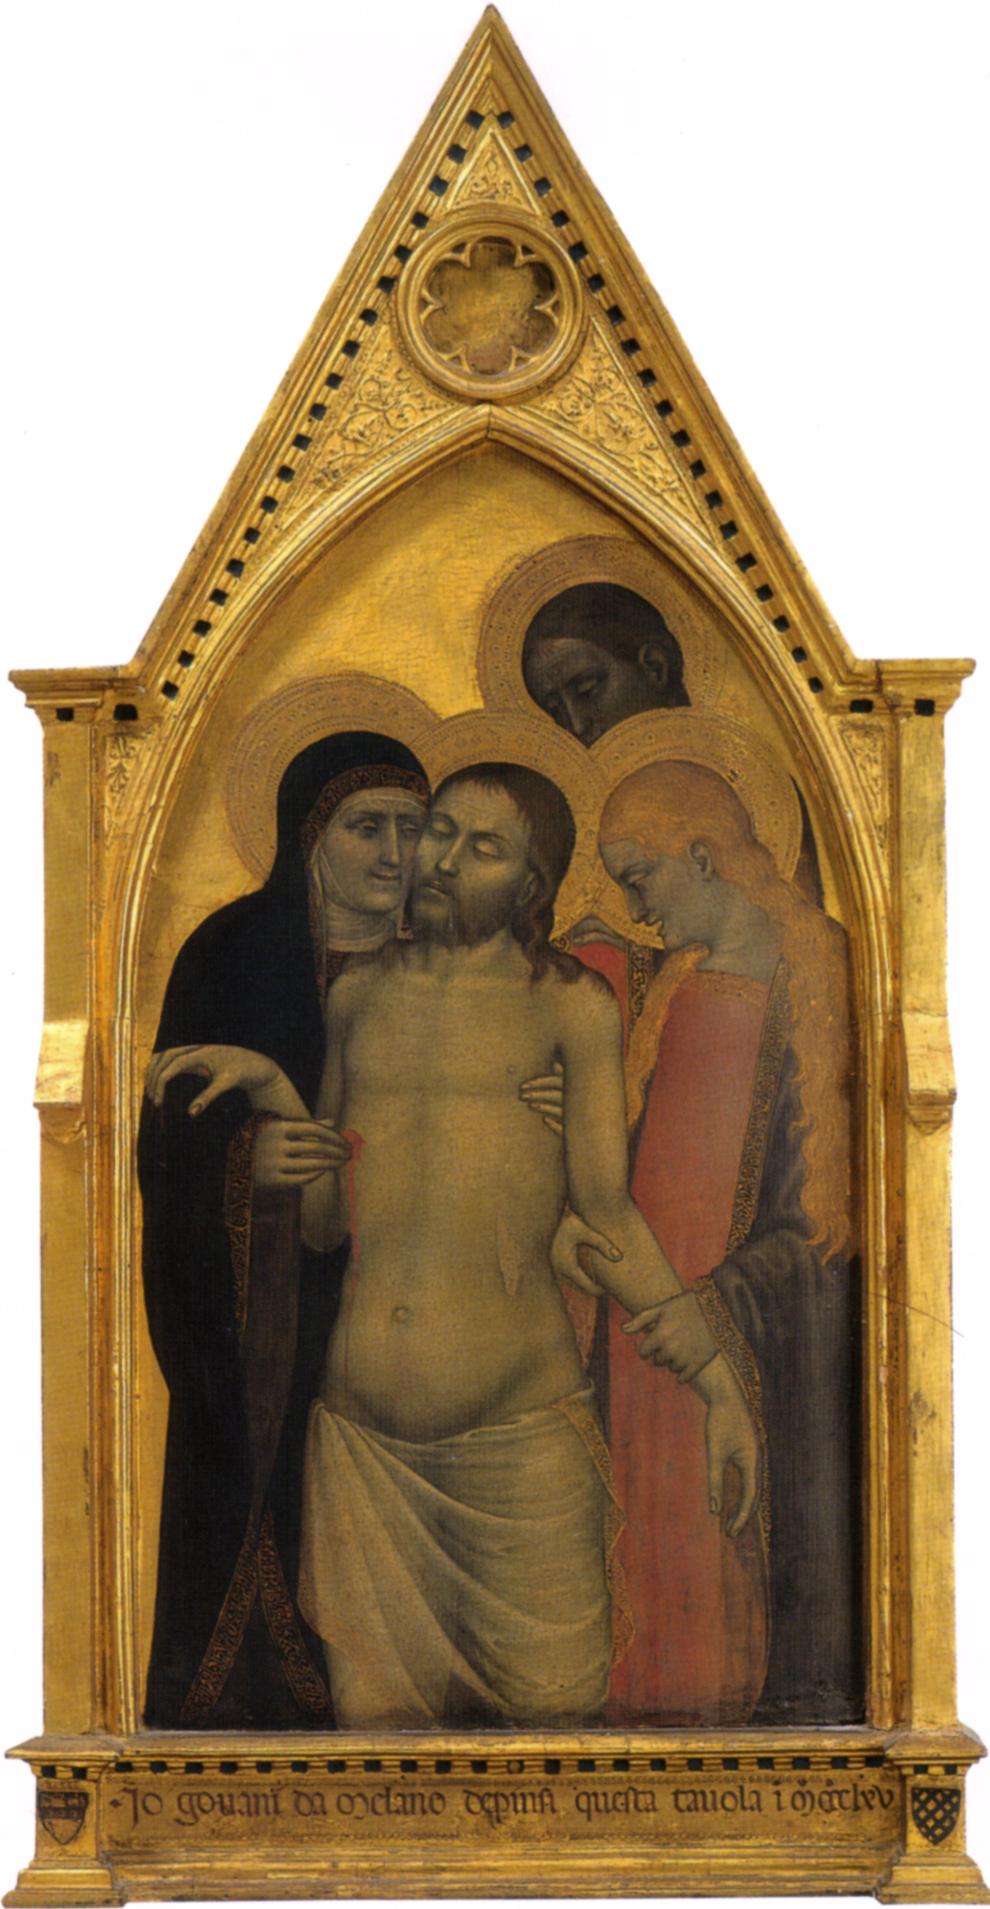 Giovanni da milano, pietà.jpg